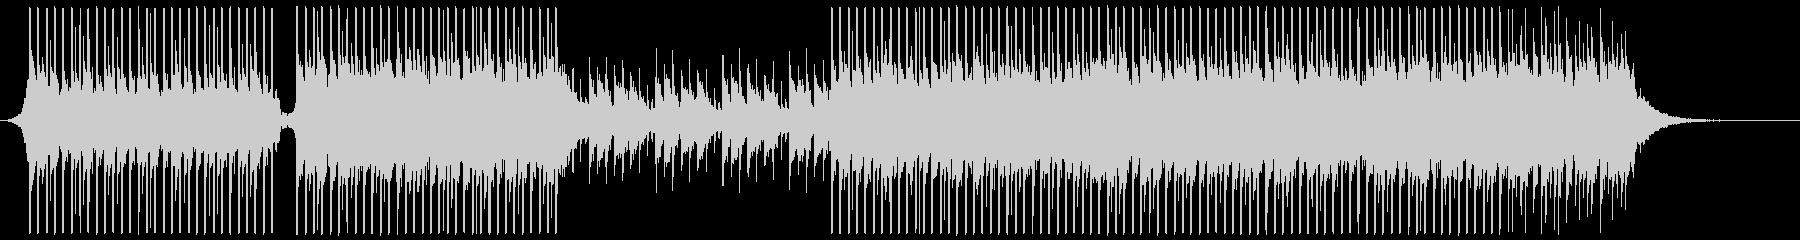 ピアノ、ドラムを使った、の未再生の波形